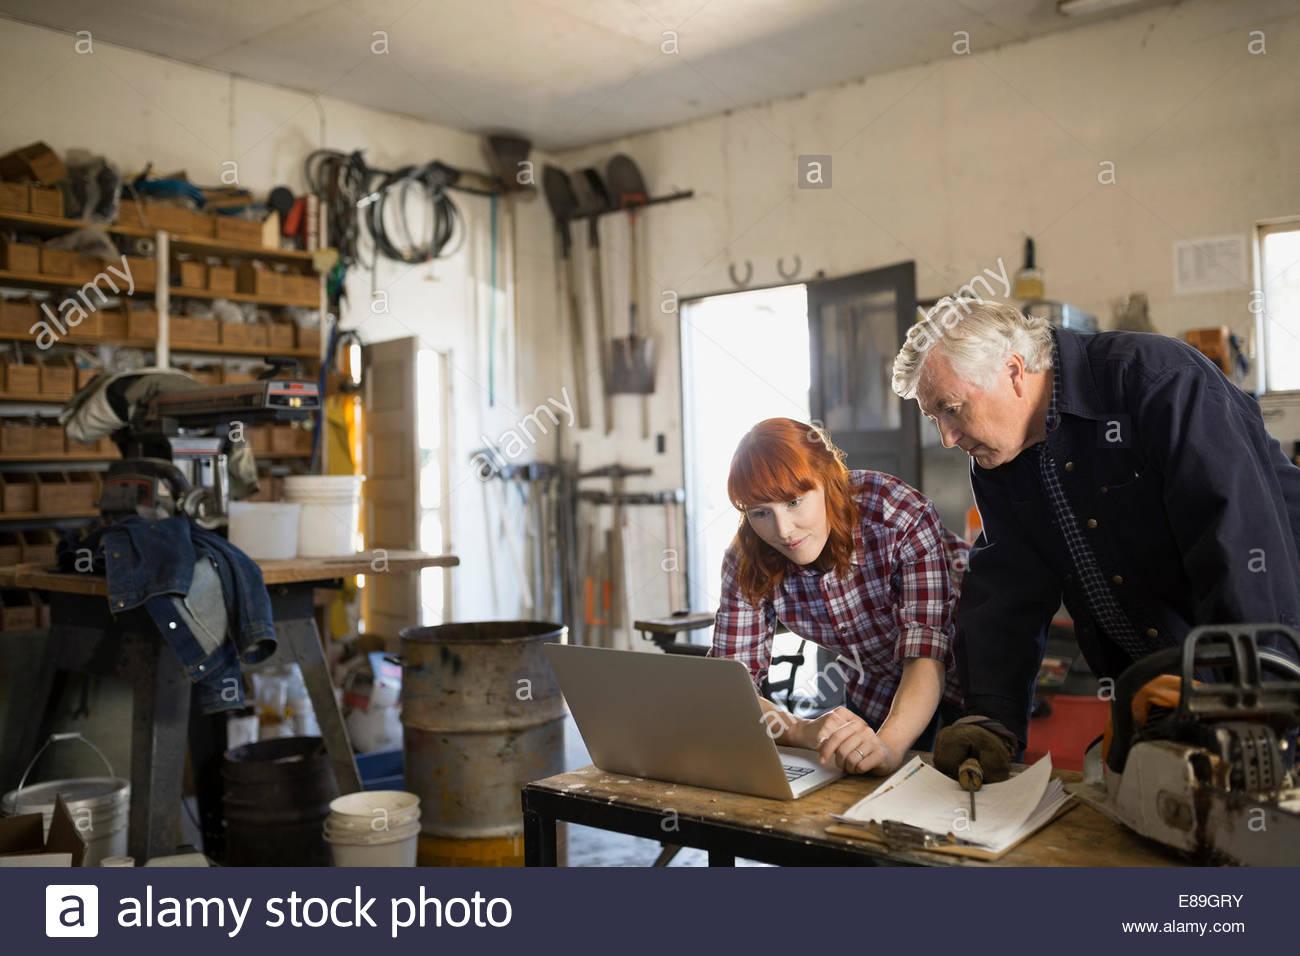 Padre e hija trabajando en el portátil en el taller Imagen De Stock